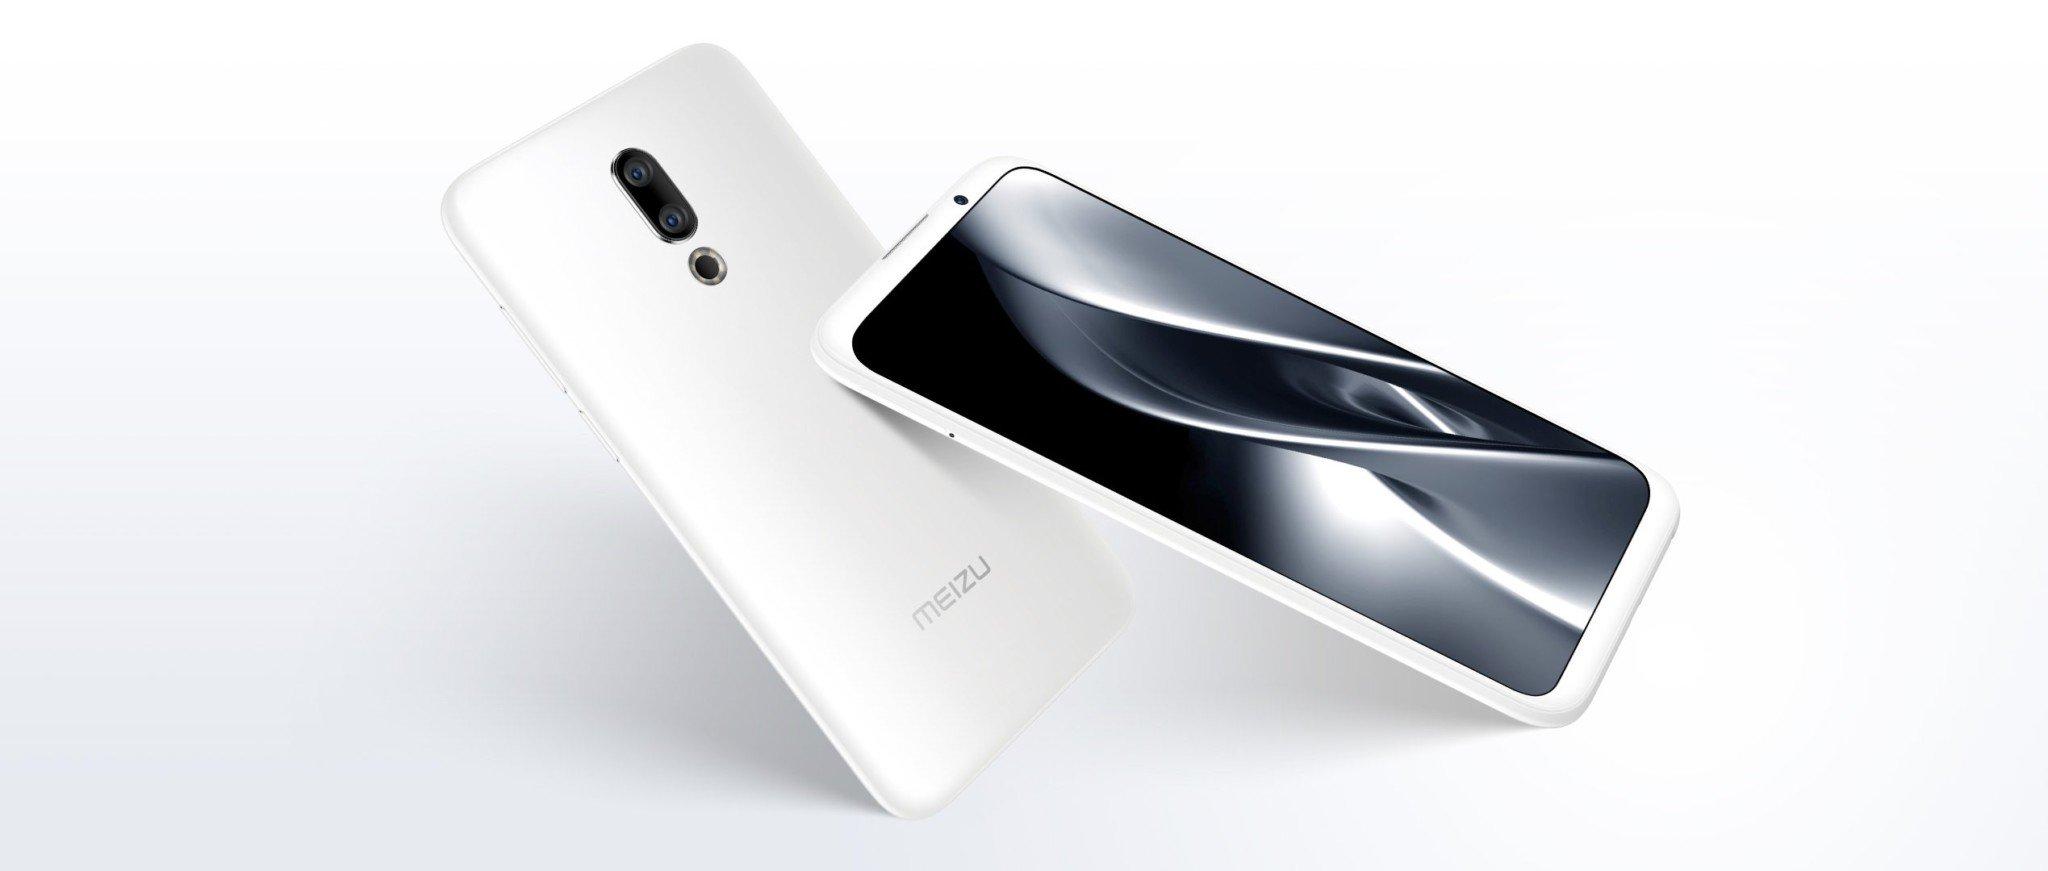 تسريبات جديدة حول هاتف Meizu الرائد المقبل Meizu 16s الذي سيعمل بأحدث معالجات كوالكوم